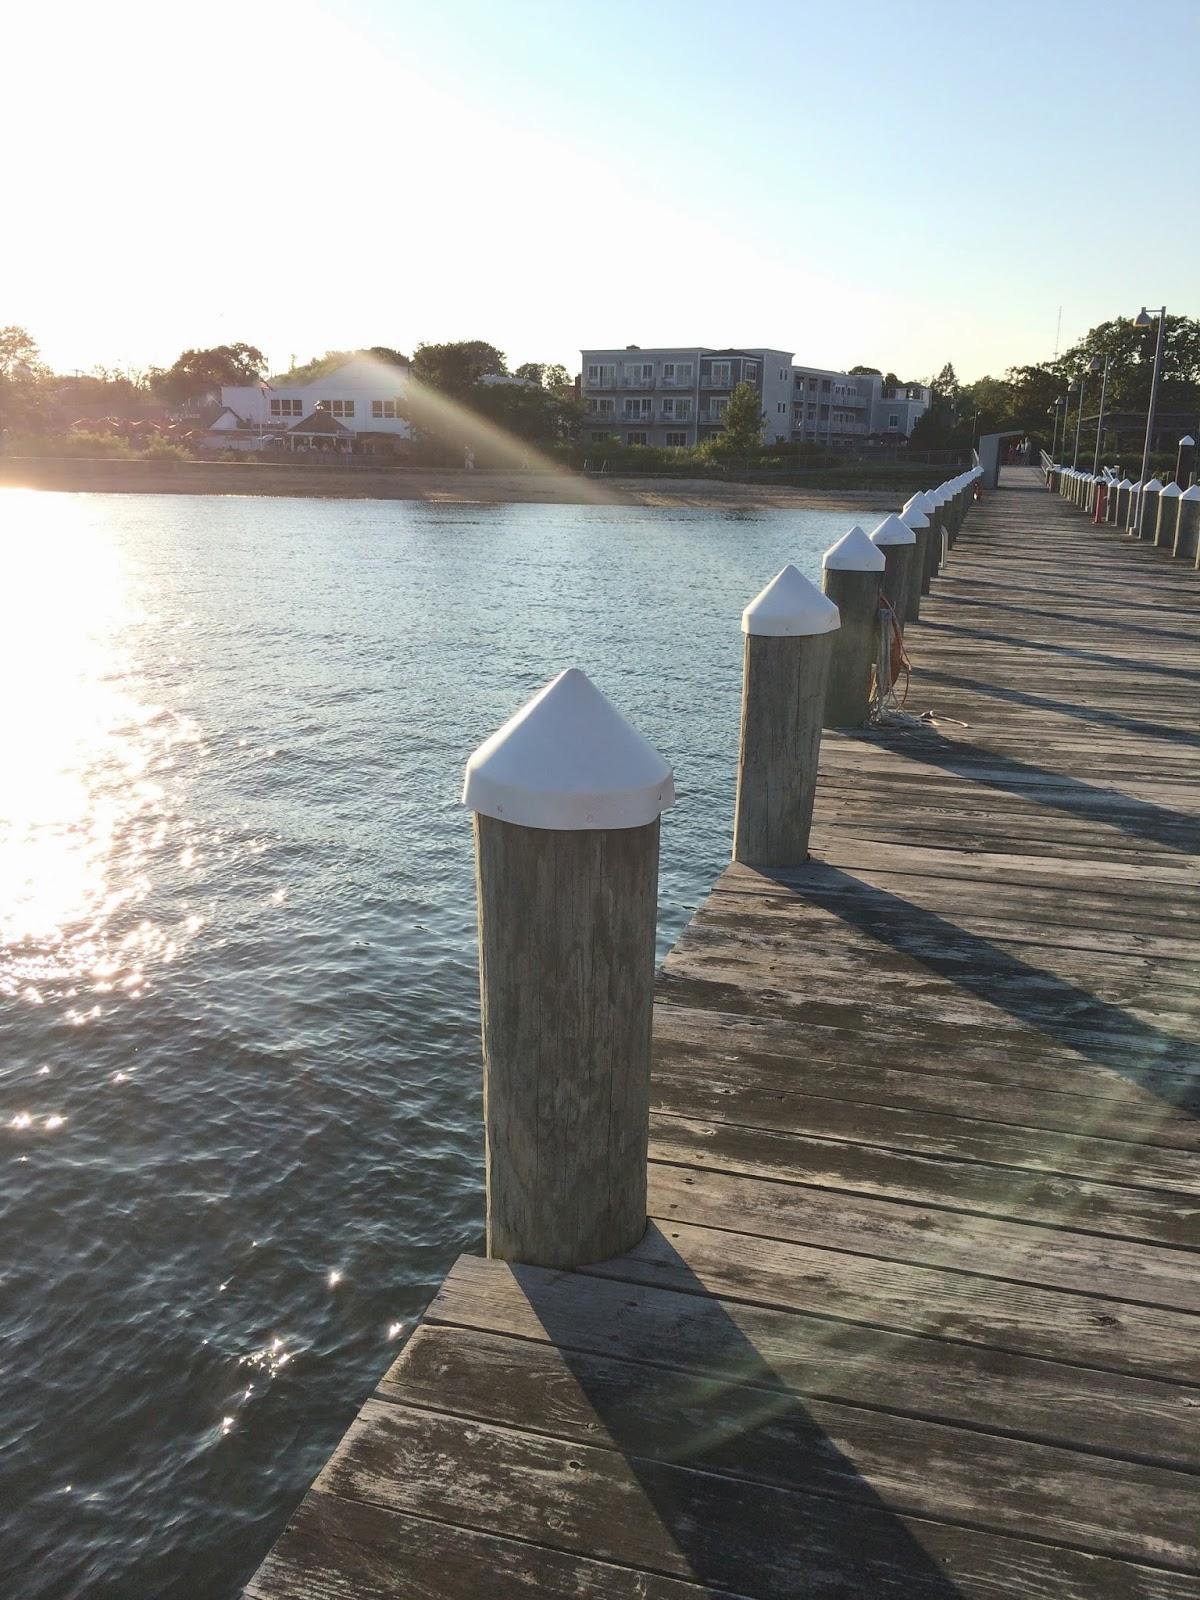 greenport harbor, ny